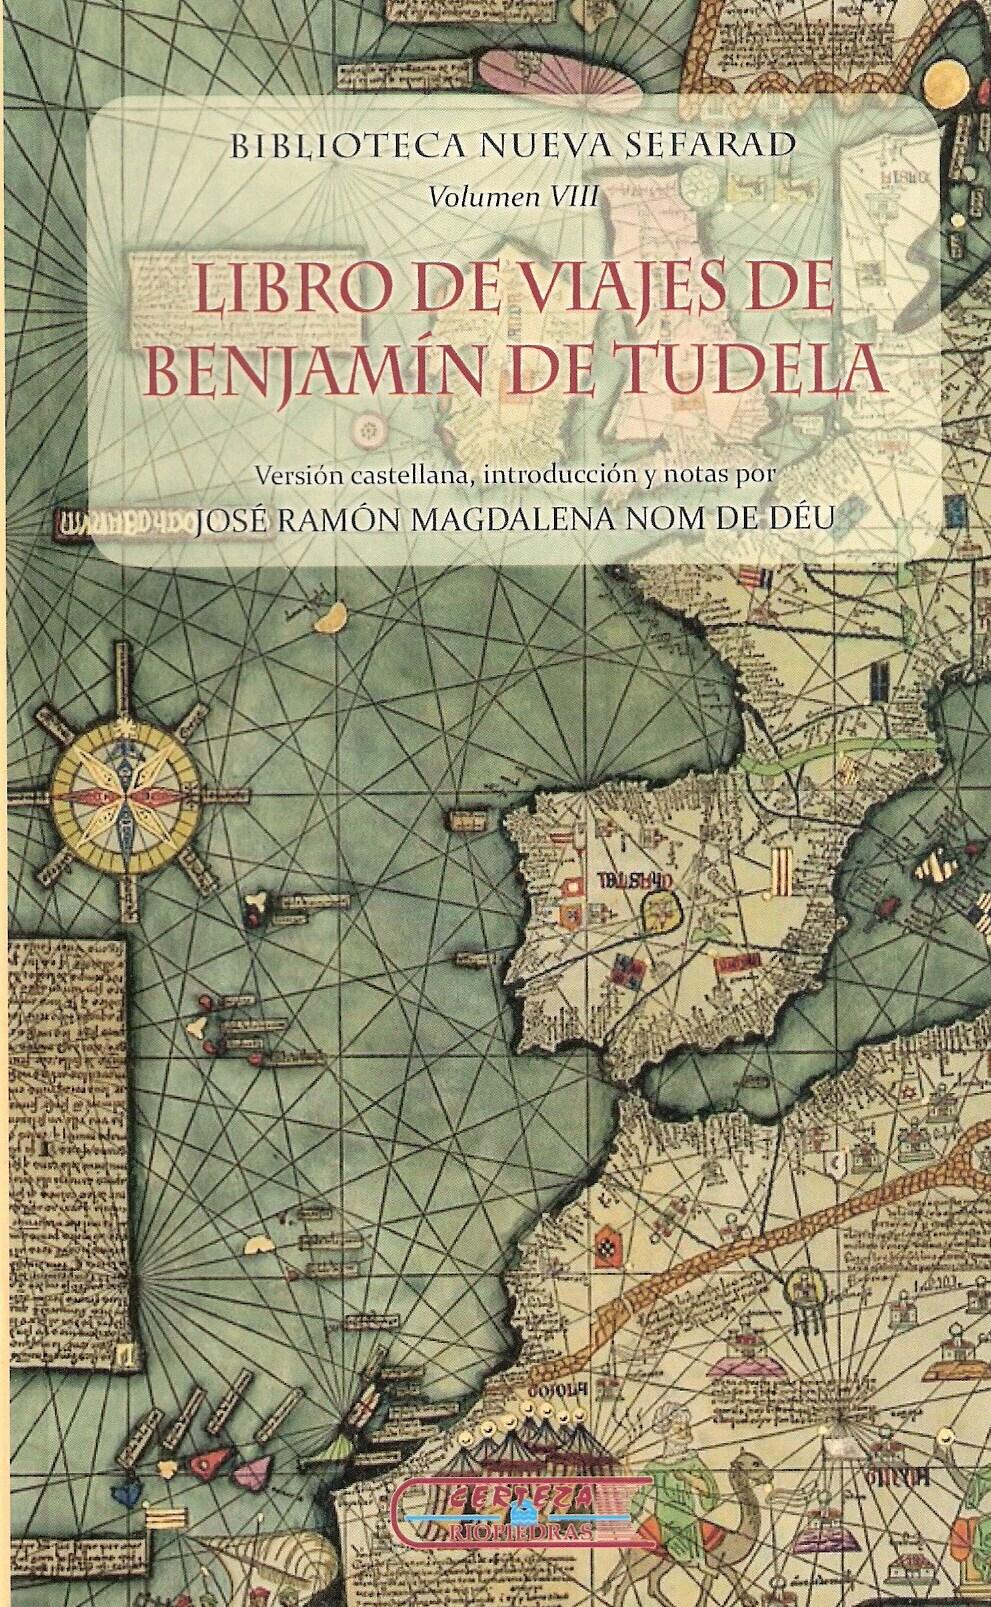 Libros clásicos de geografía y viajes (índice en el primer post) - Página 2 Libro-10